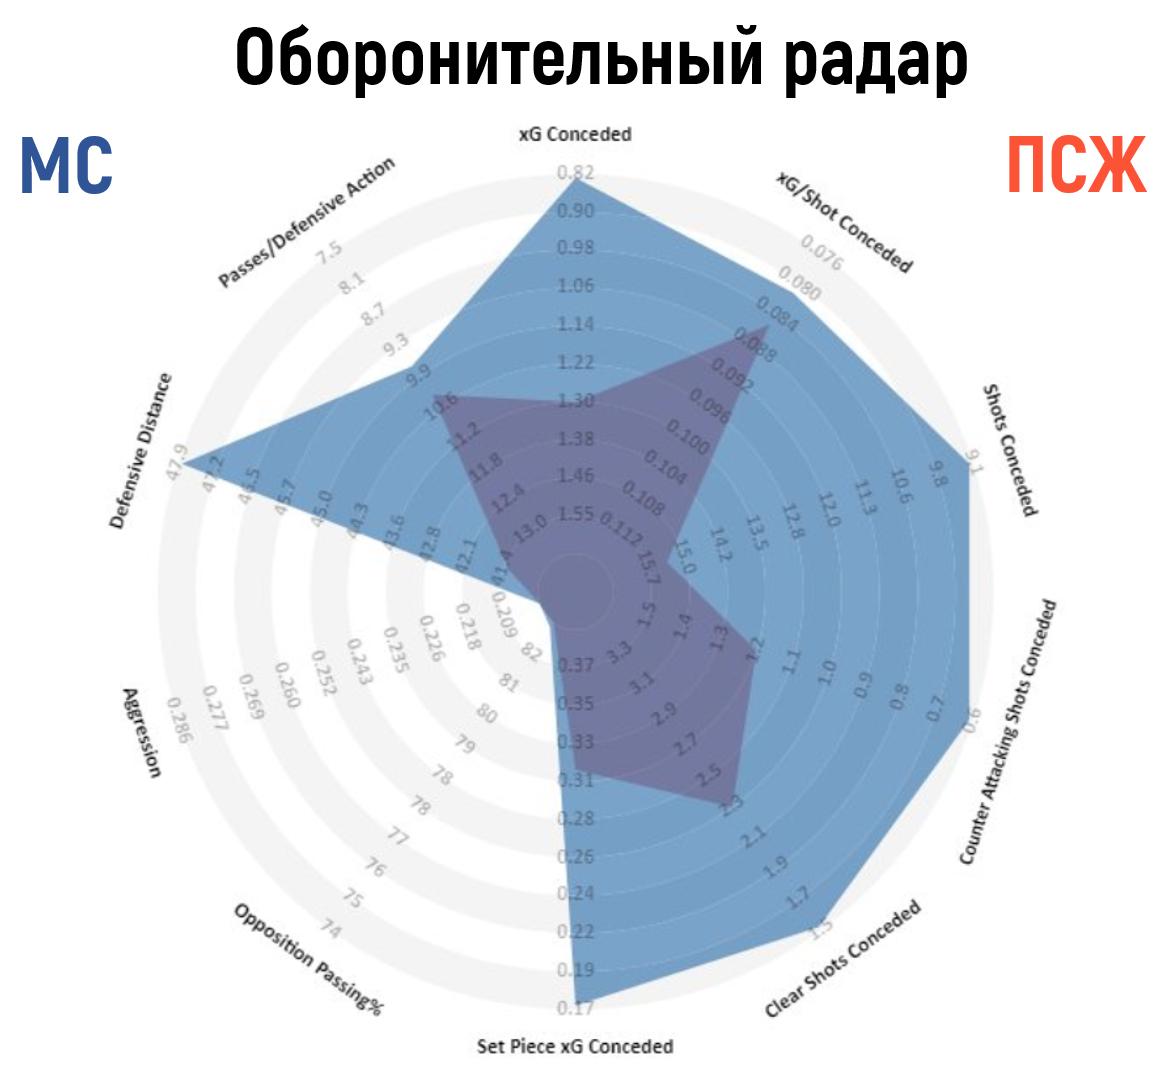 Знакомство с командными радарами от StatsBomb через сравнение Манчестер Сити и ПСЖ в рамках Лиги чемпионов